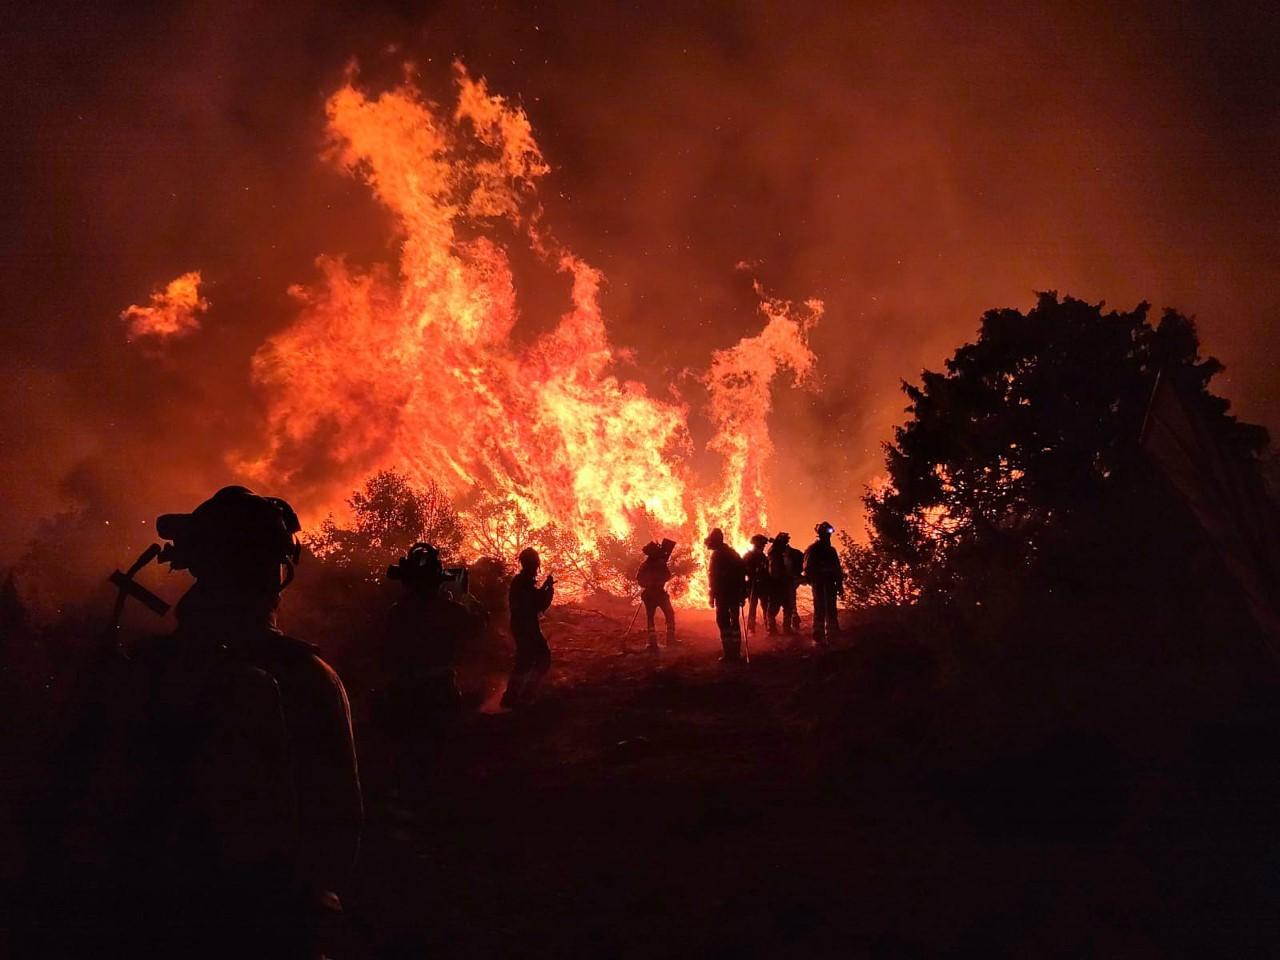 Incendio forestal en El Tiemblo (Ávila)